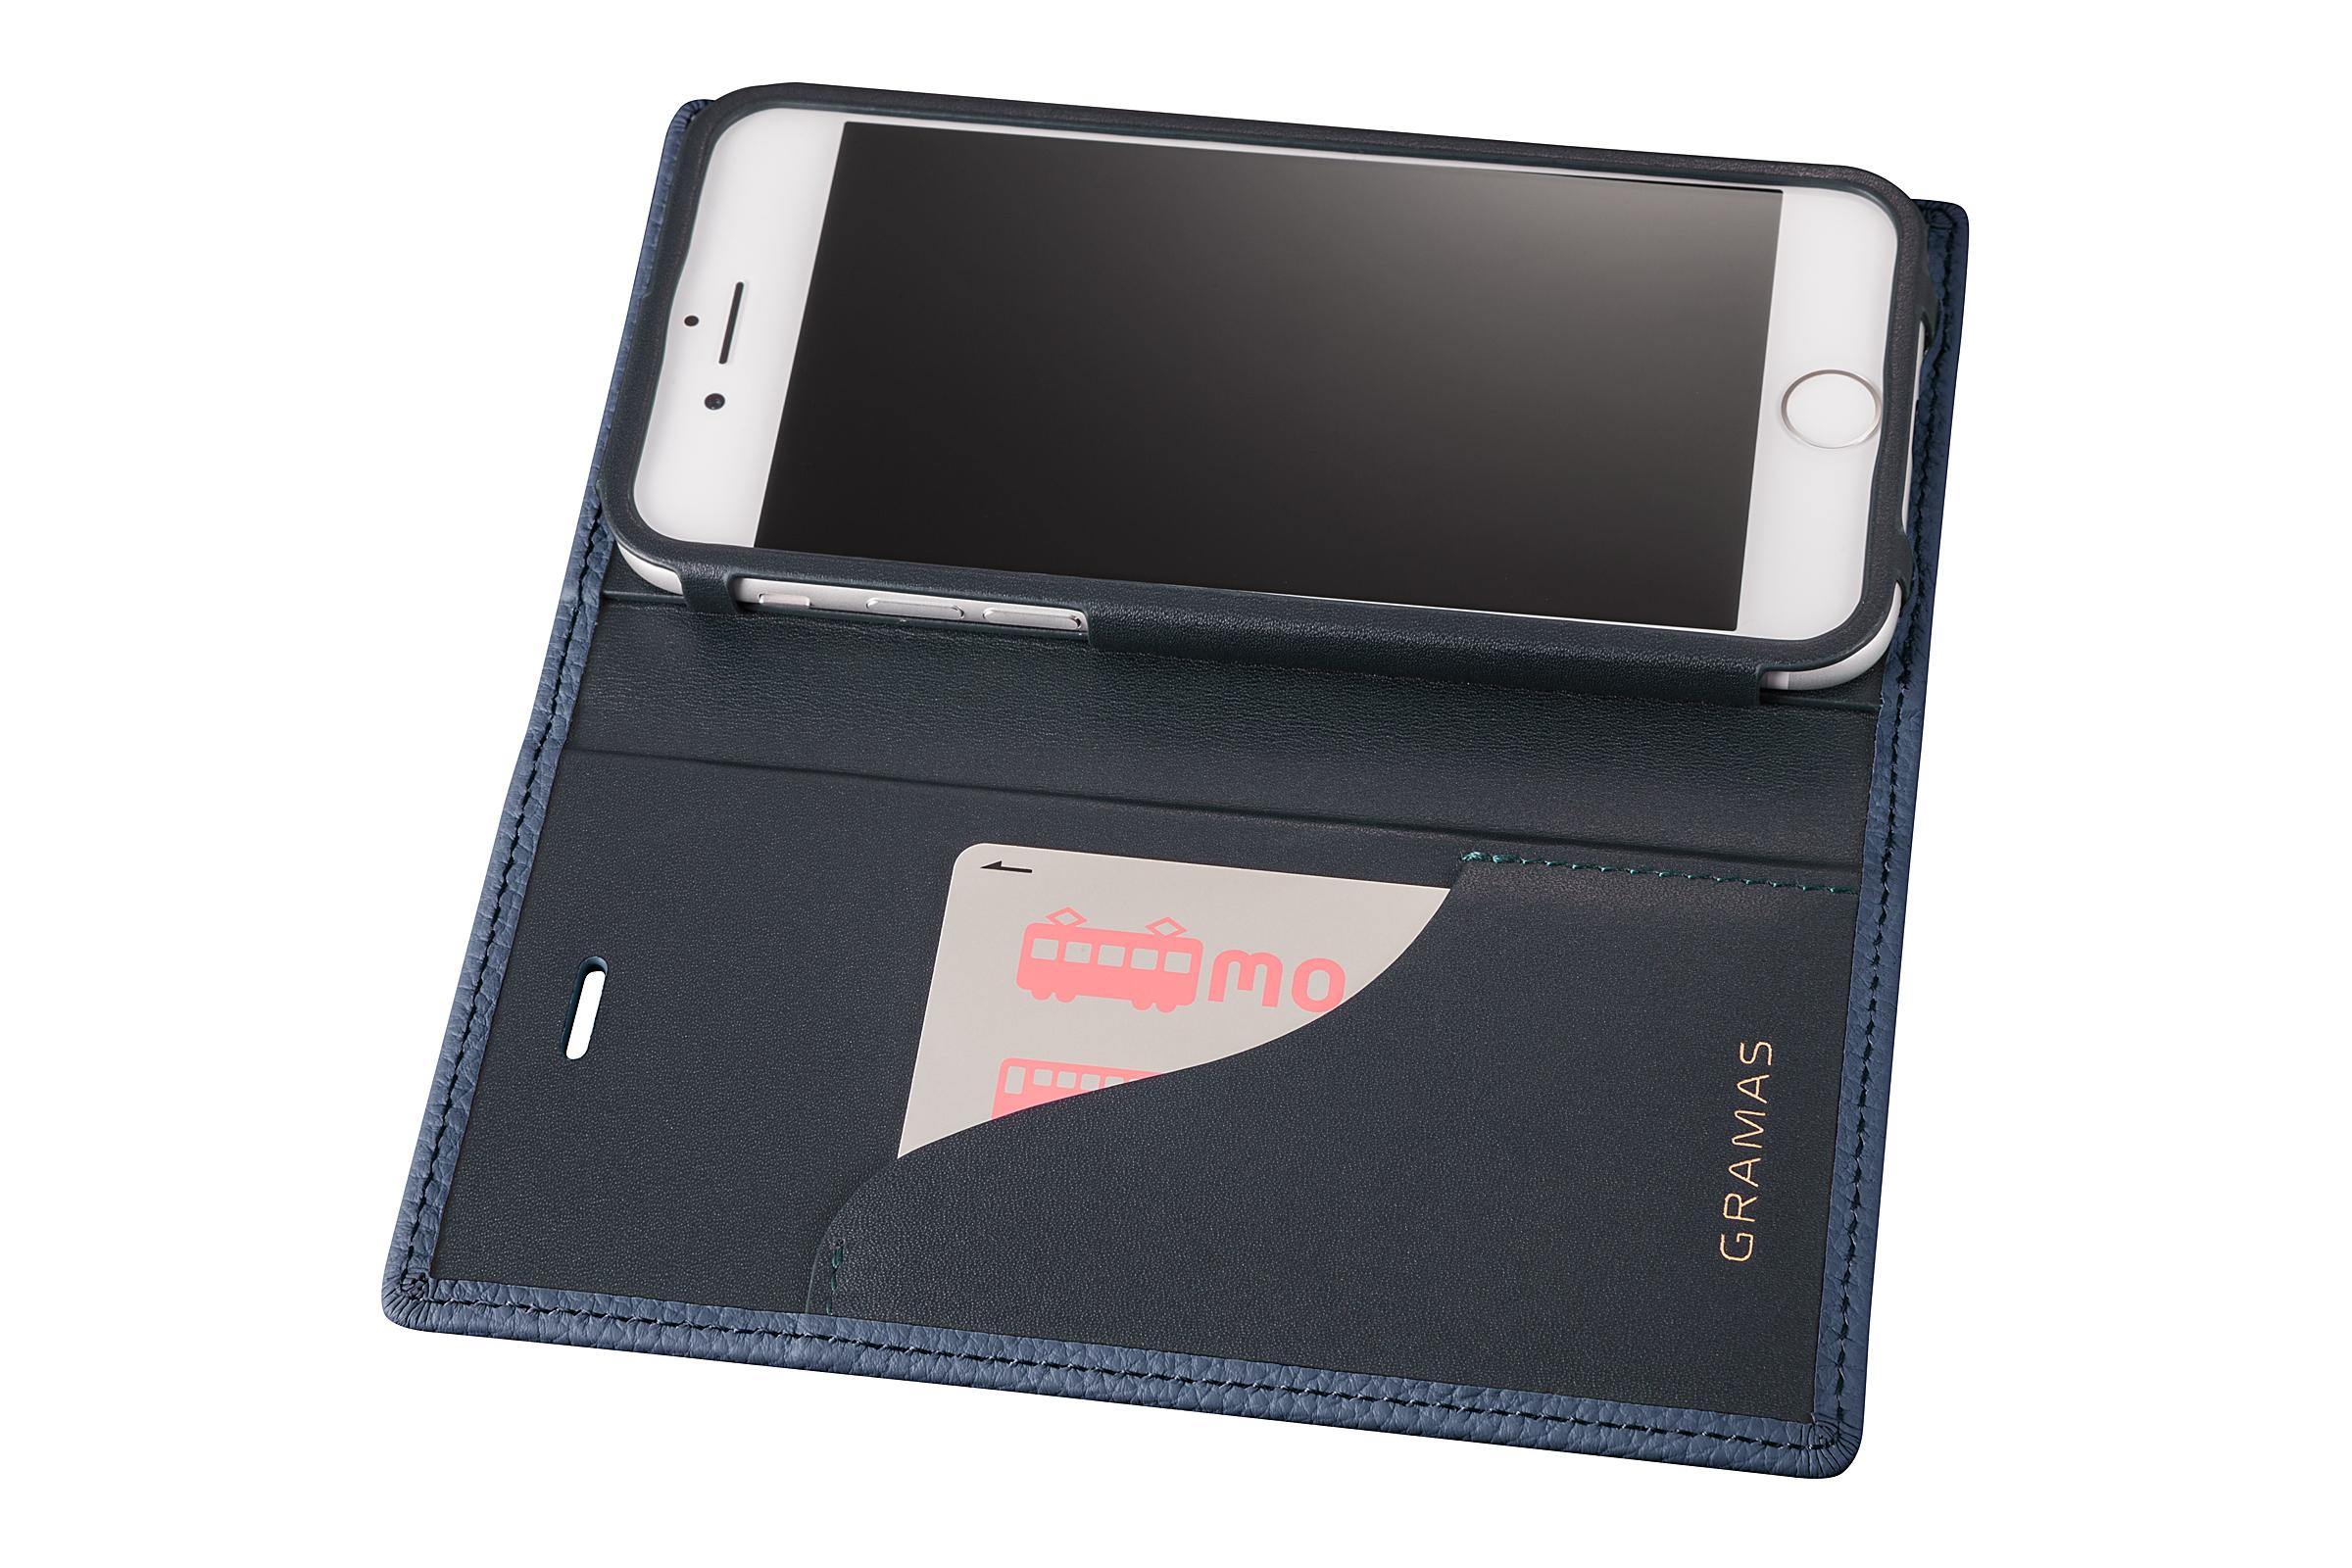 GRAMAS Shrunken-calf Full Leather Case for iPhone 7(Navy) シュランケンカーフ 手帳型フルレザーケース GLC646NV - 画像4